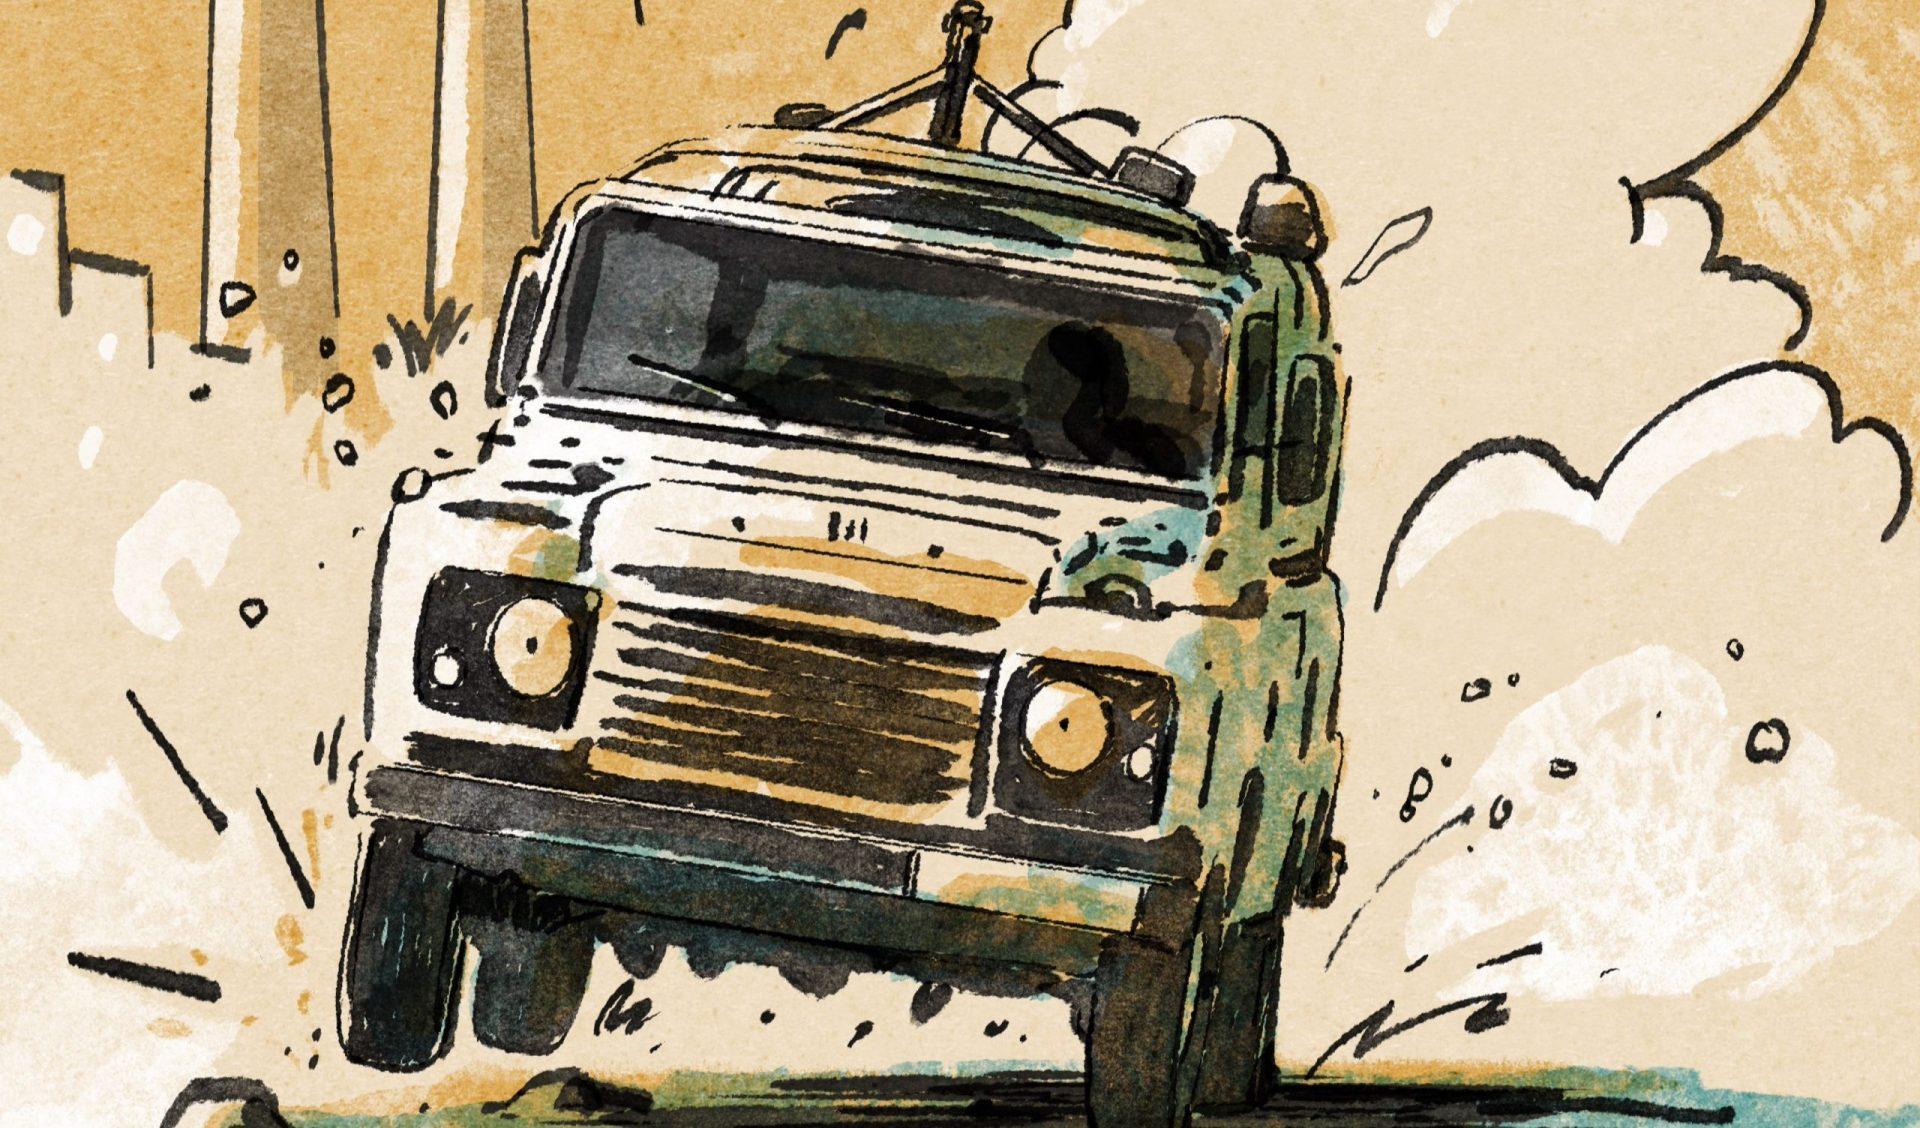 veteraan-gerwin-checkpoint-verhaal-zomerbijlage